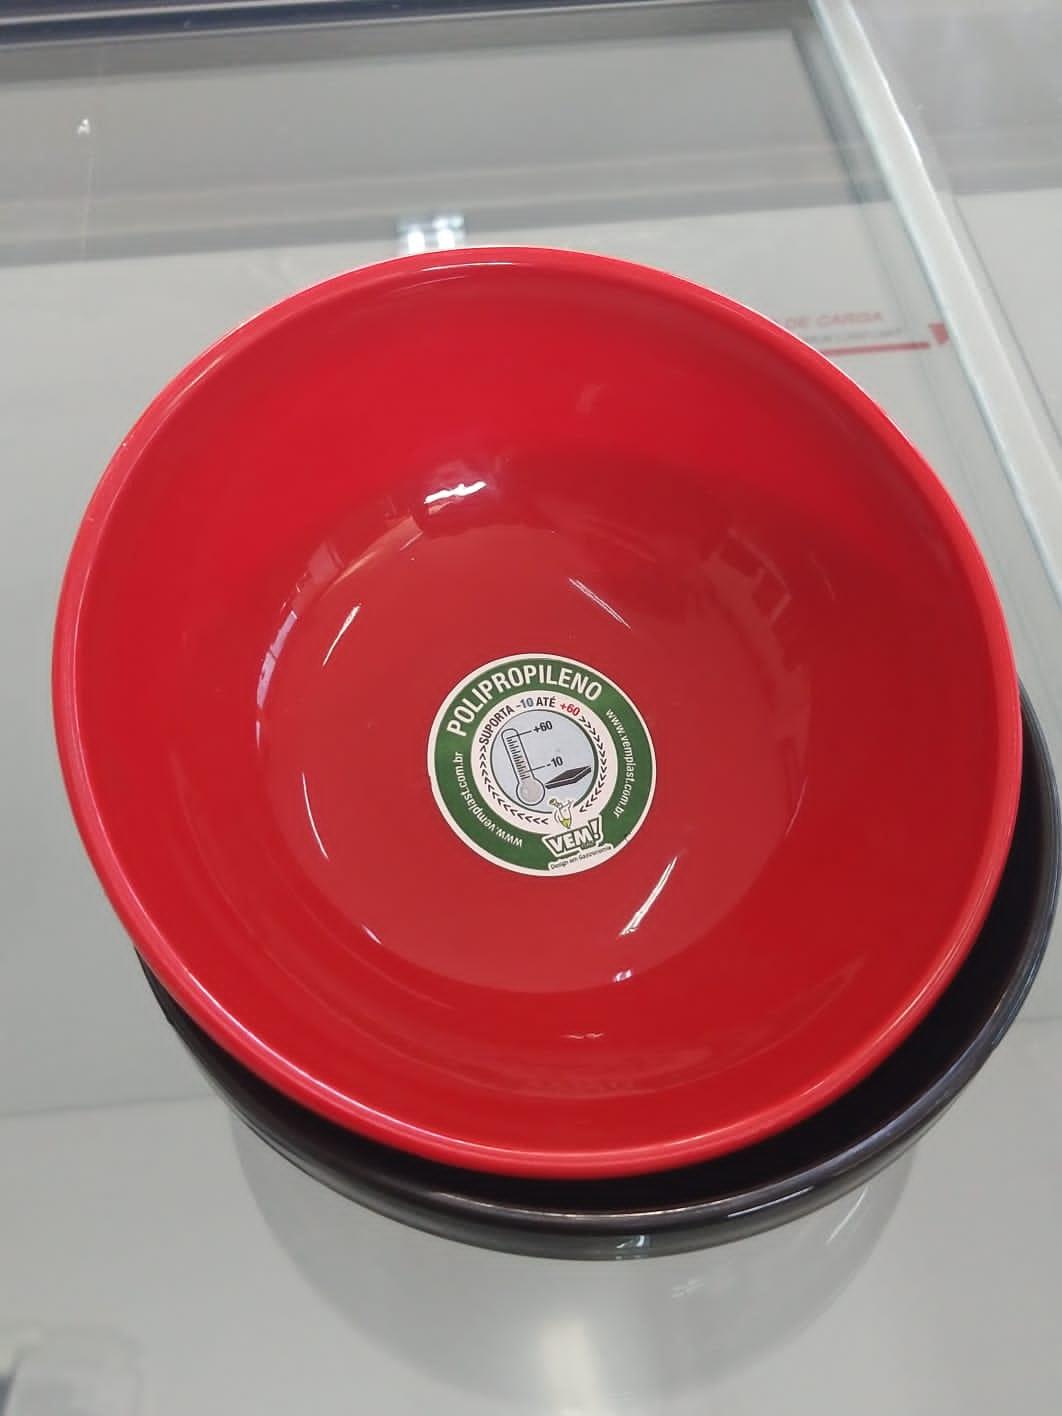 Sopeira Cheff M 350 ml 00250 / 00252  - Vemplast